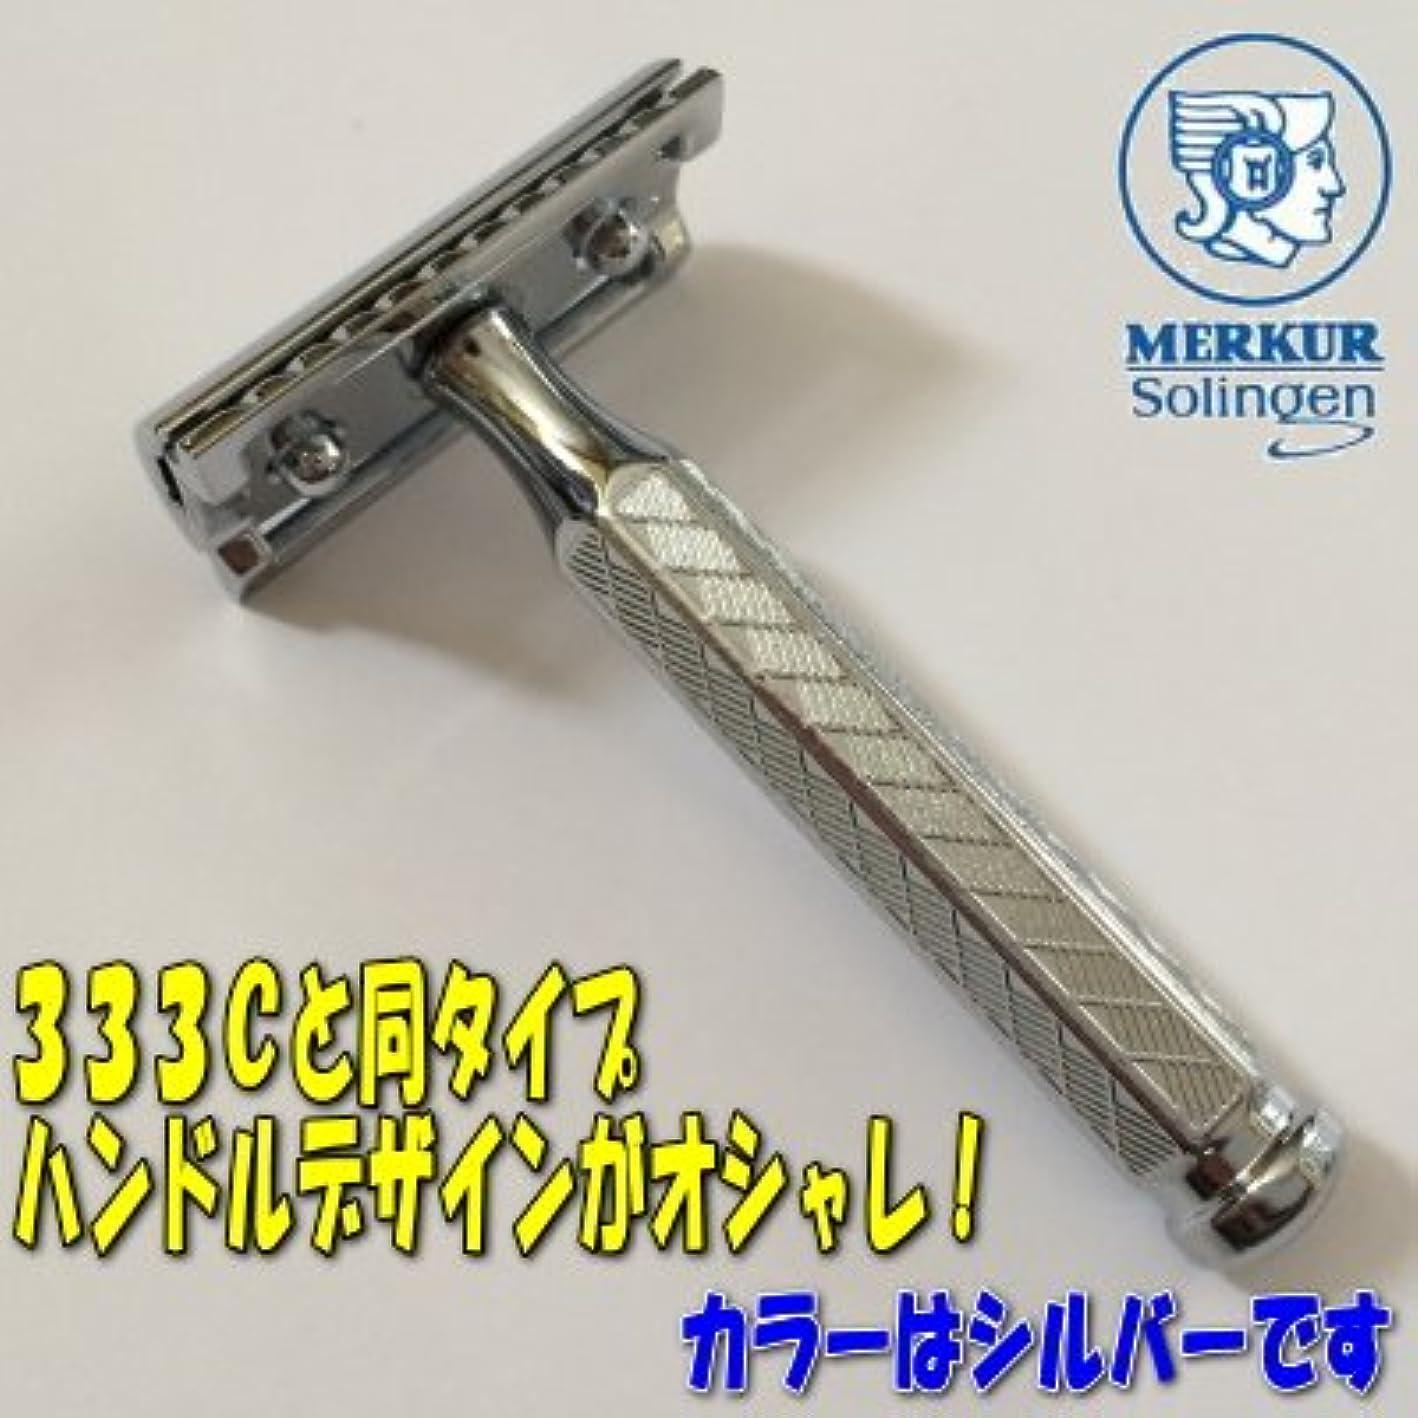 王位香水減衰メルクール髭剃り(ひげそり) 342